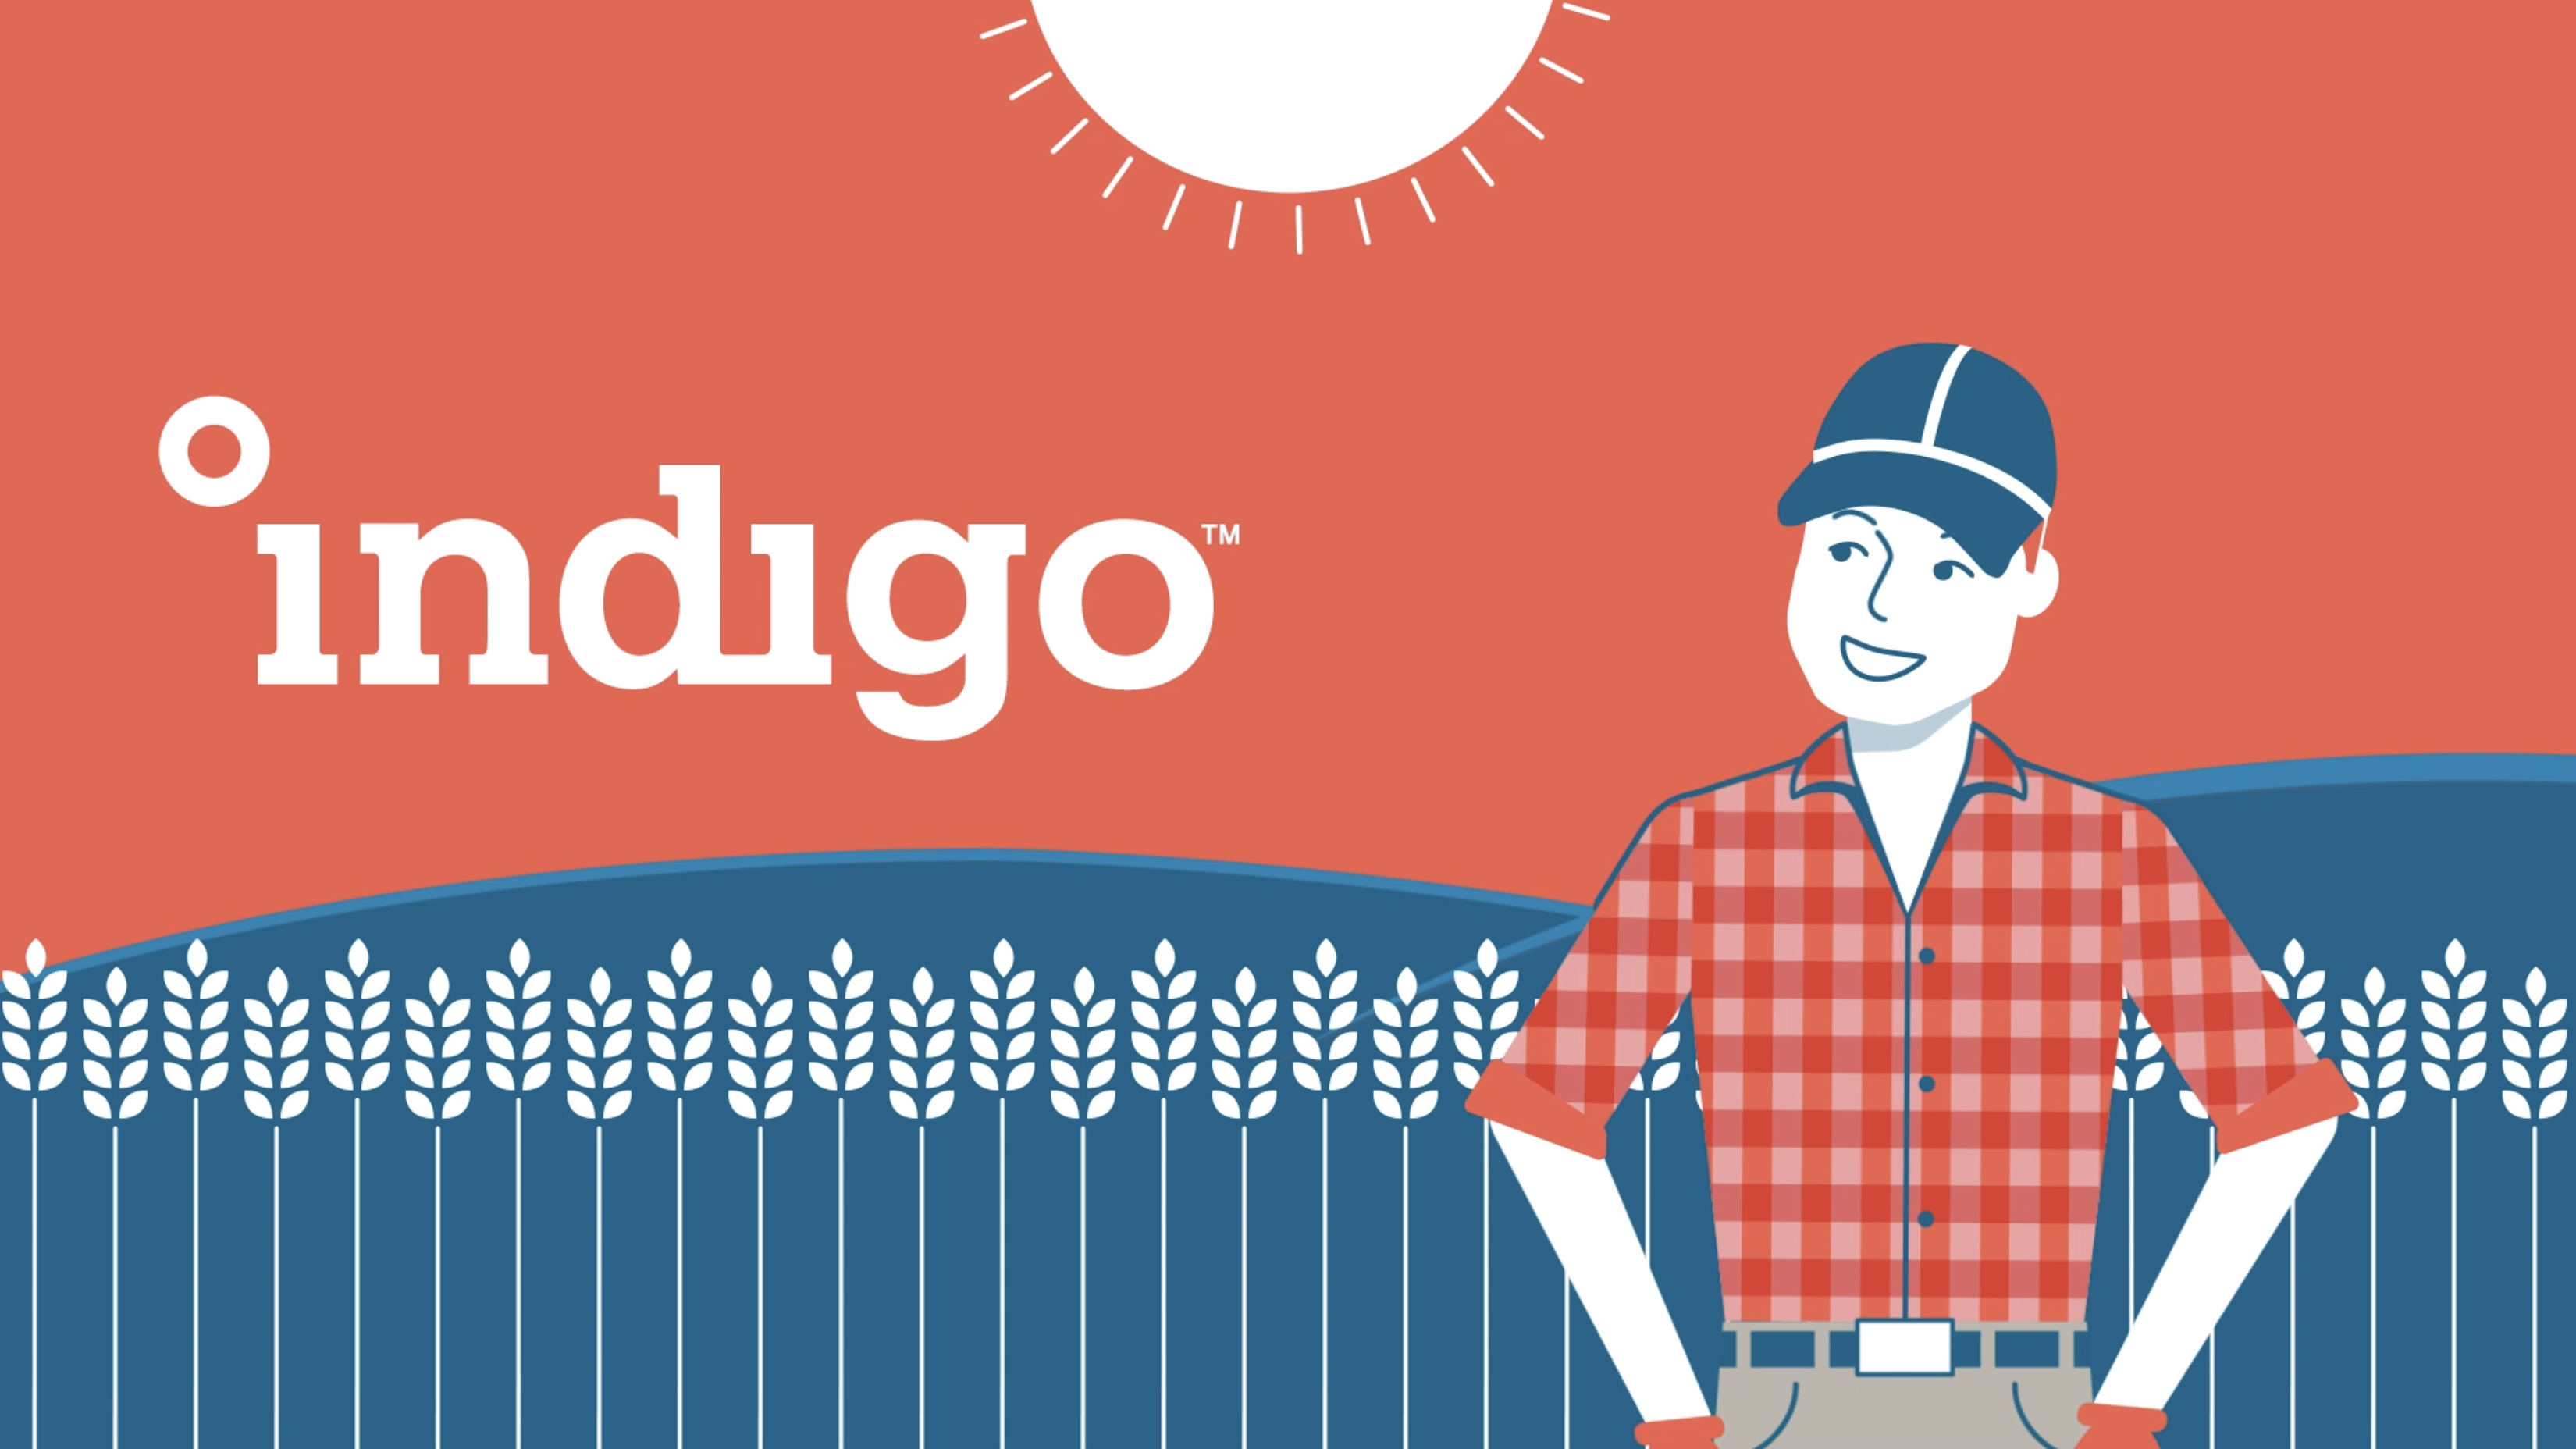 Indigo Australia Explainer Video